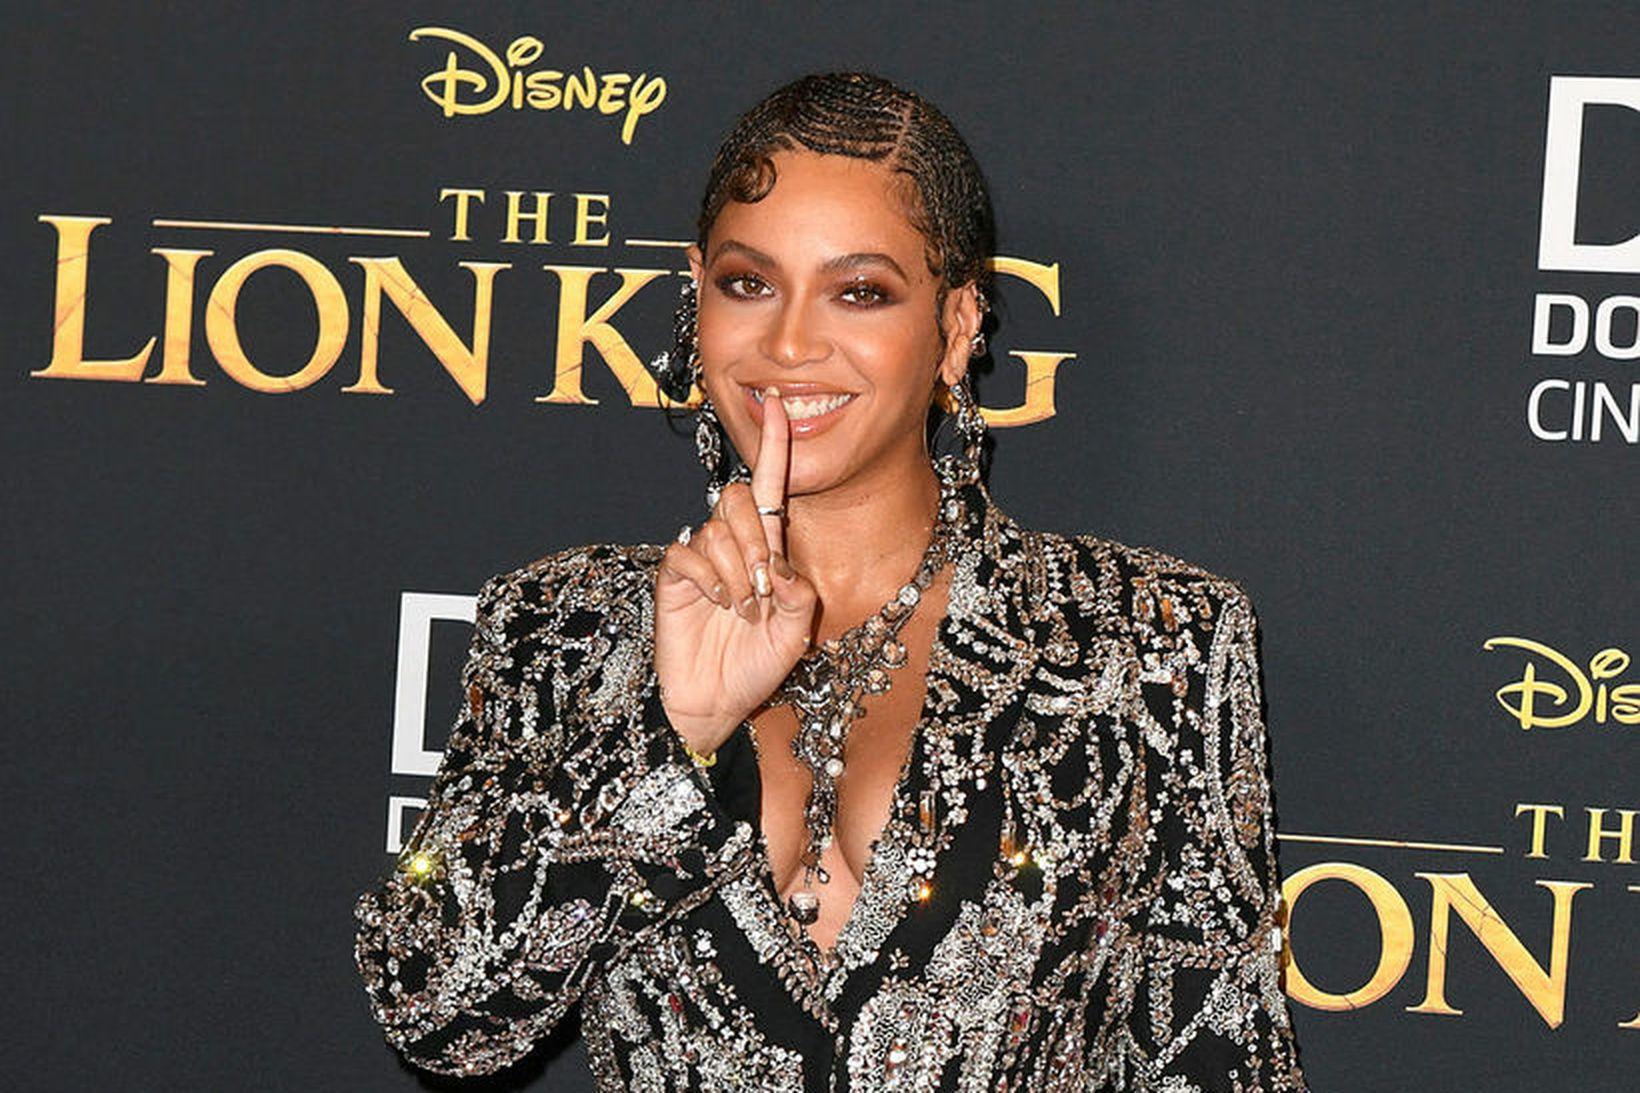 Beyoncé hefur ekki tjáð sig um meinta kynferðislega misnotkun sem …